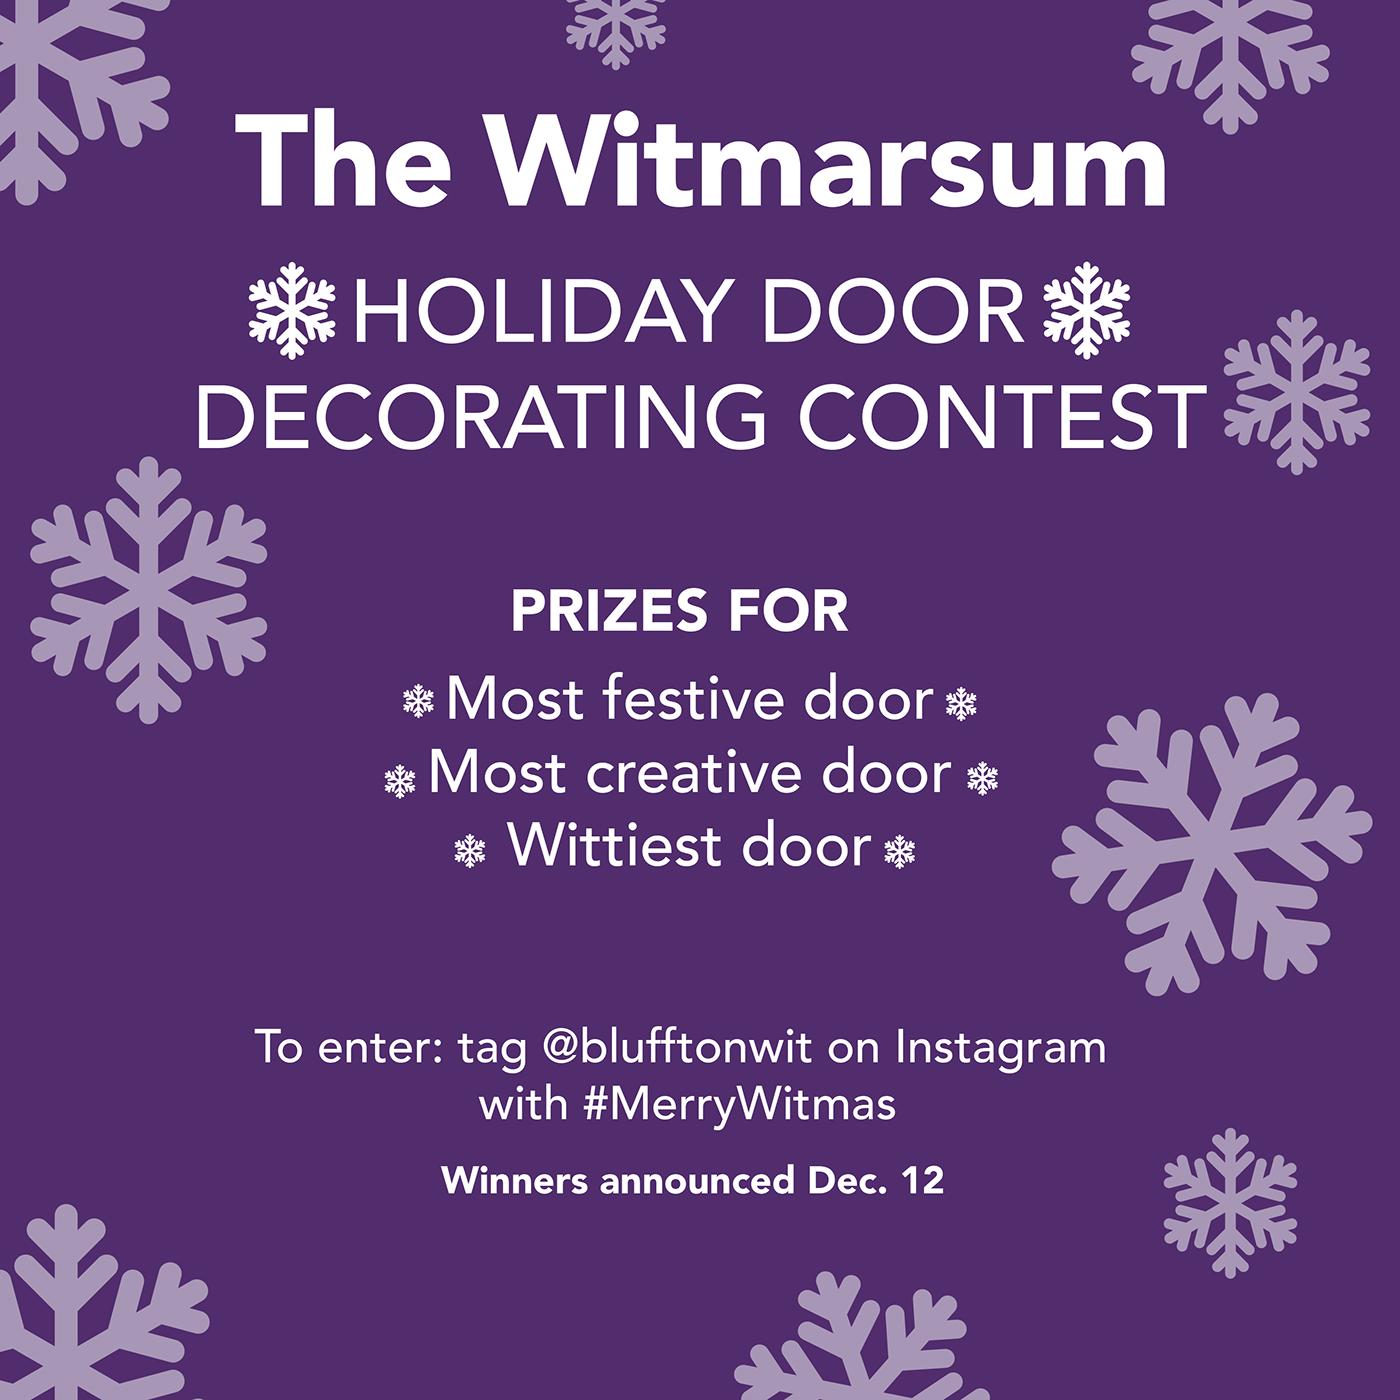 Christmas Door Decorating Contest Flyer